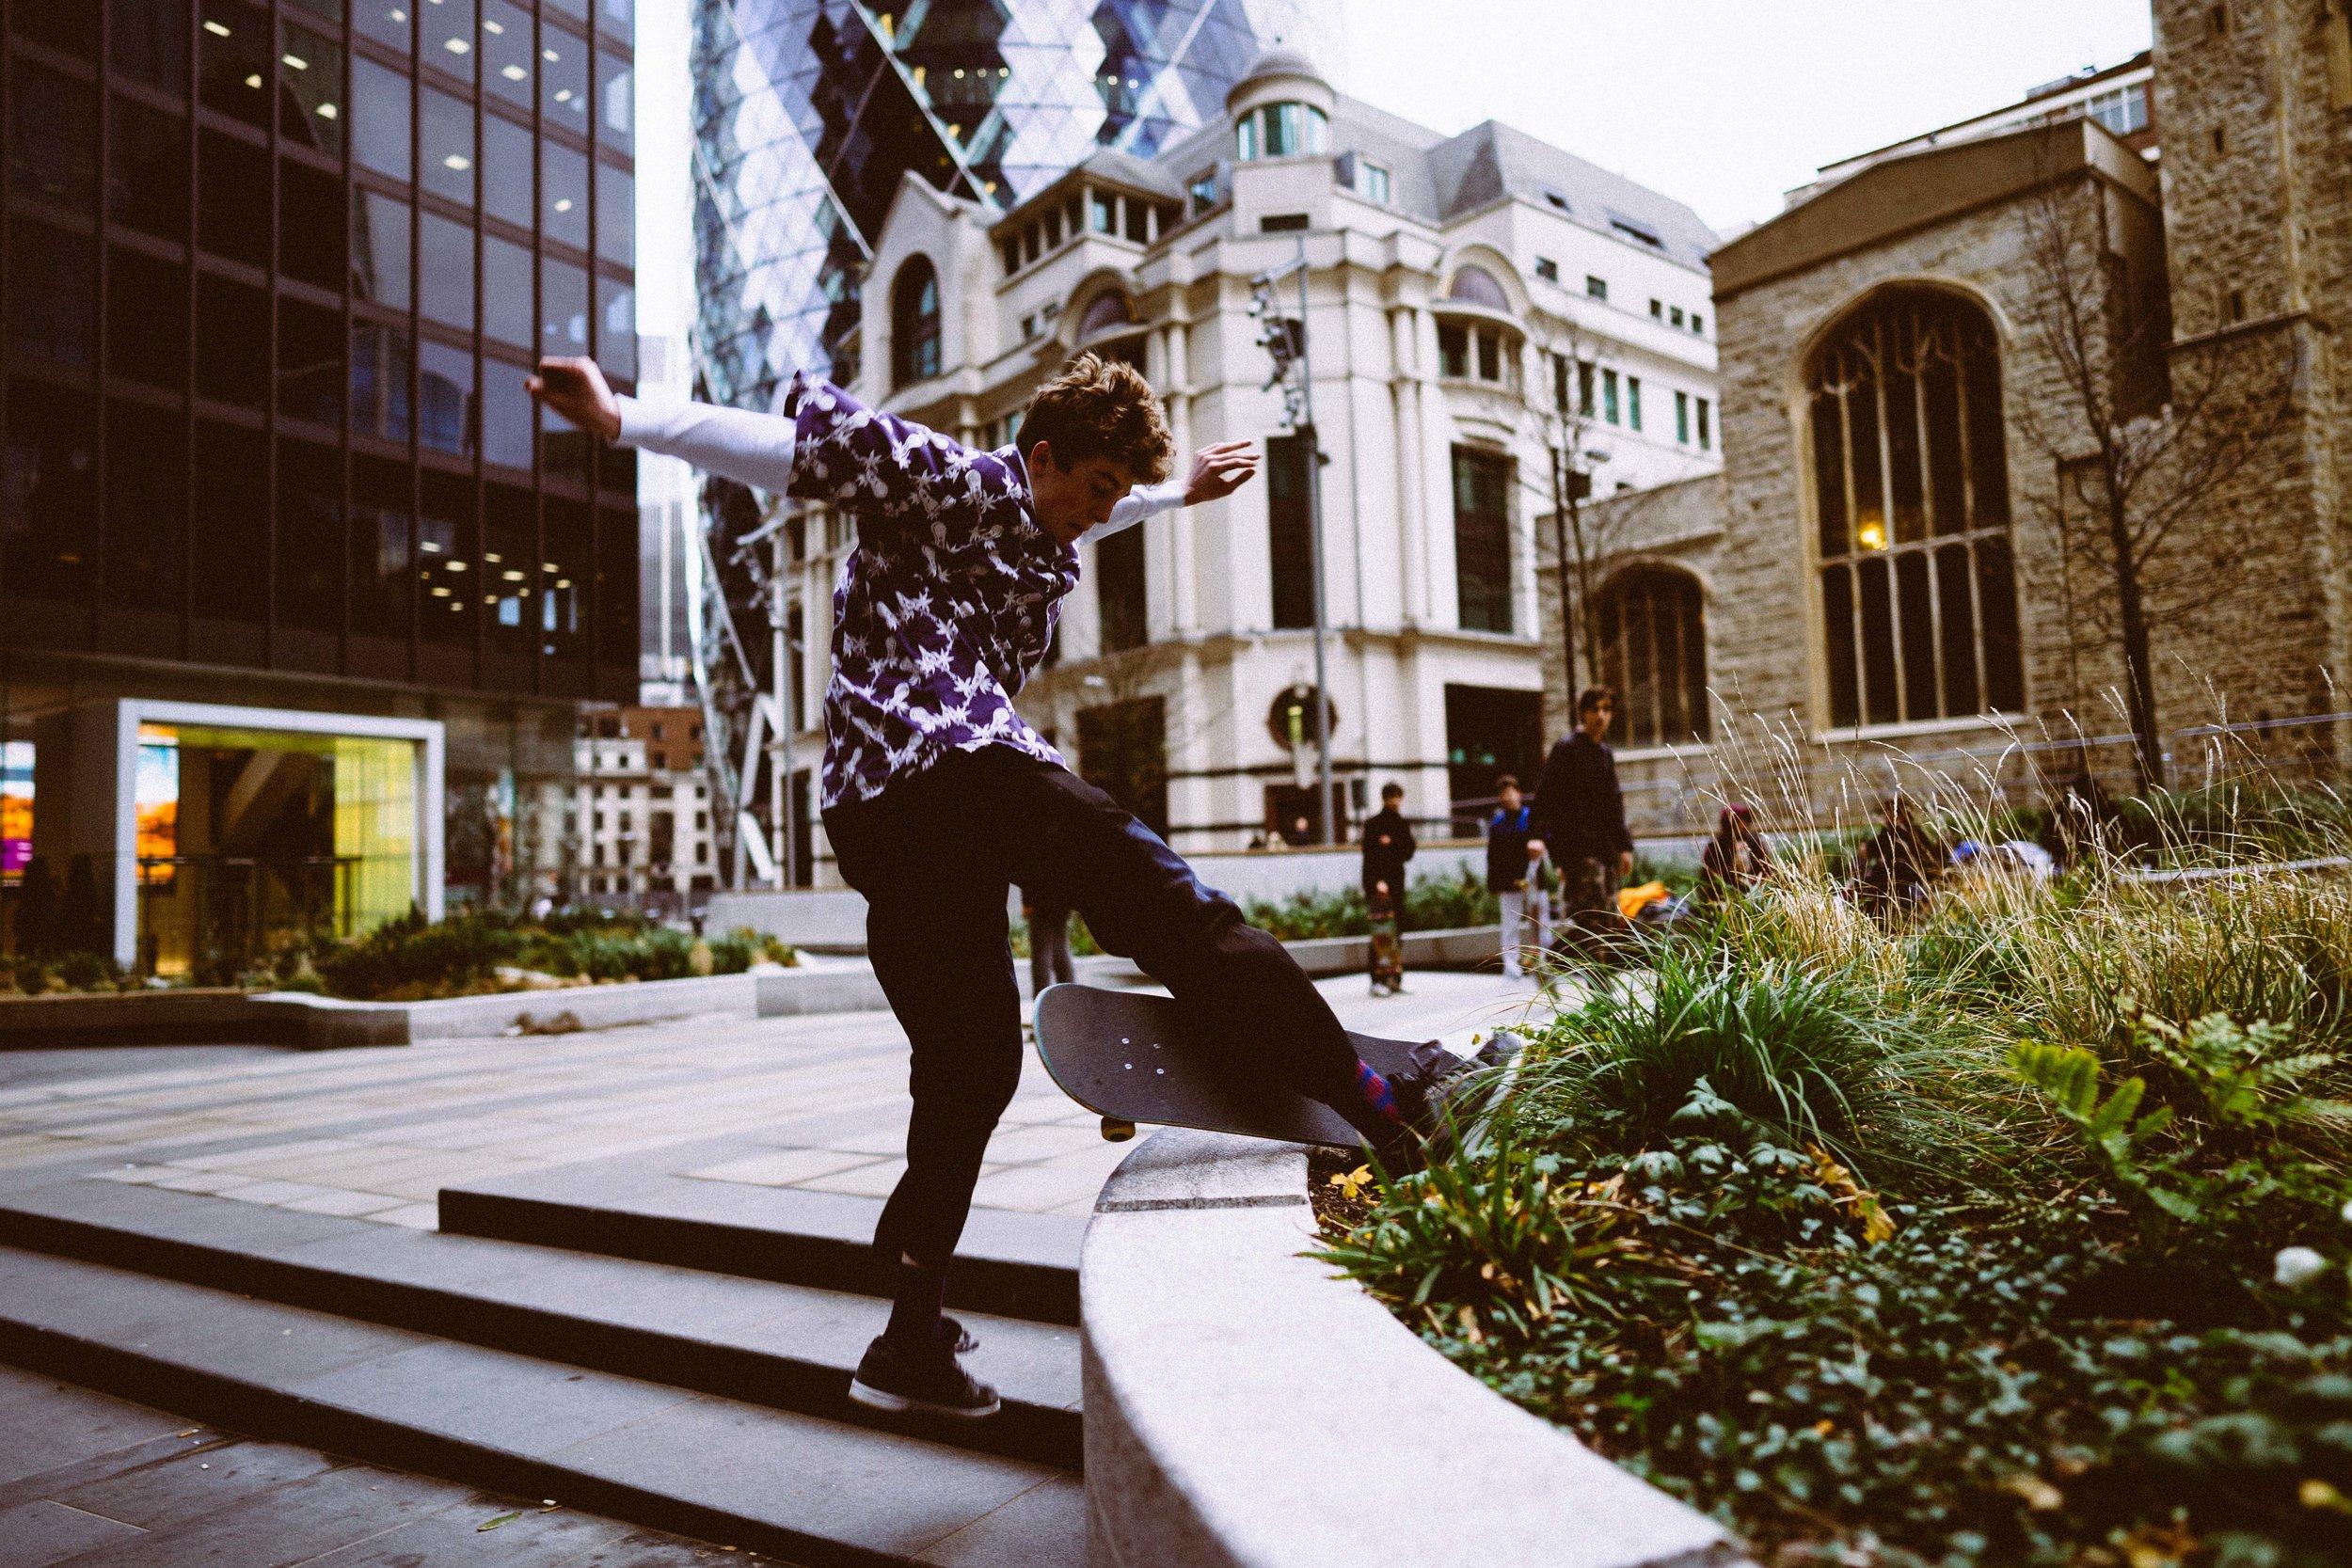 london-105957.jpg